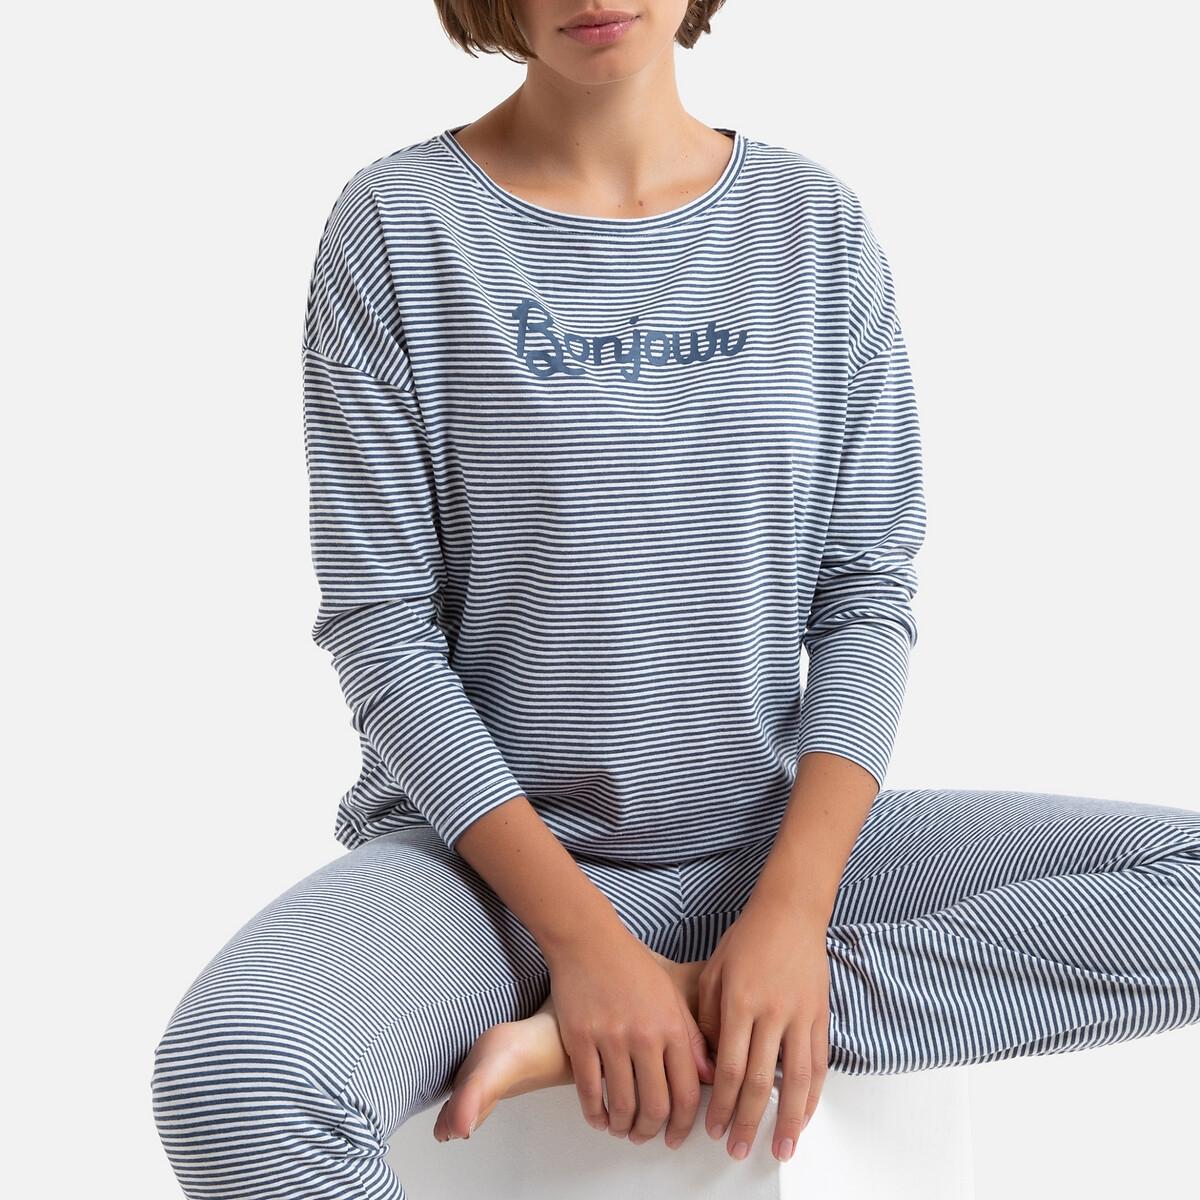 Пижама LaRedoute С длинными рукавами в полоску 34/36 (FR) - 40/42 (RUS) синий пижама la redoute с длинными рукавами 34 36 fr 40 42 rus желтый